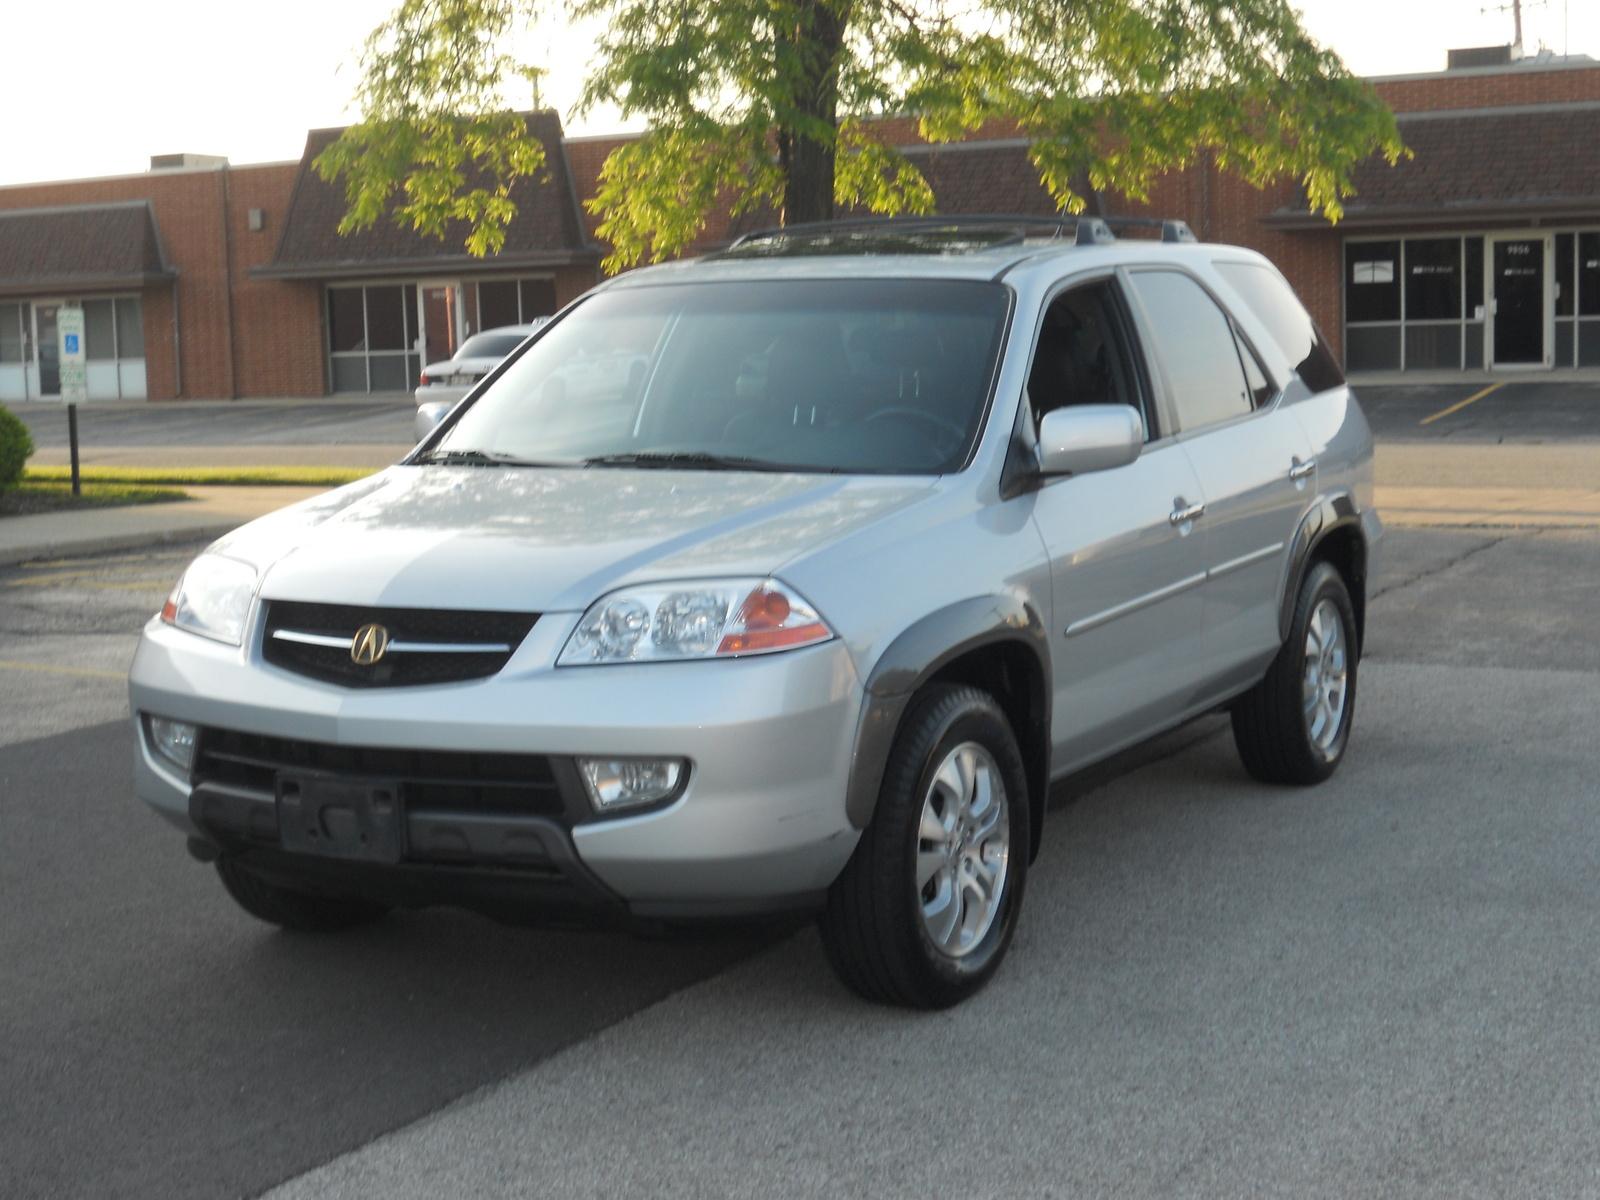 2003 Acura Mdx Pictures Cargurus